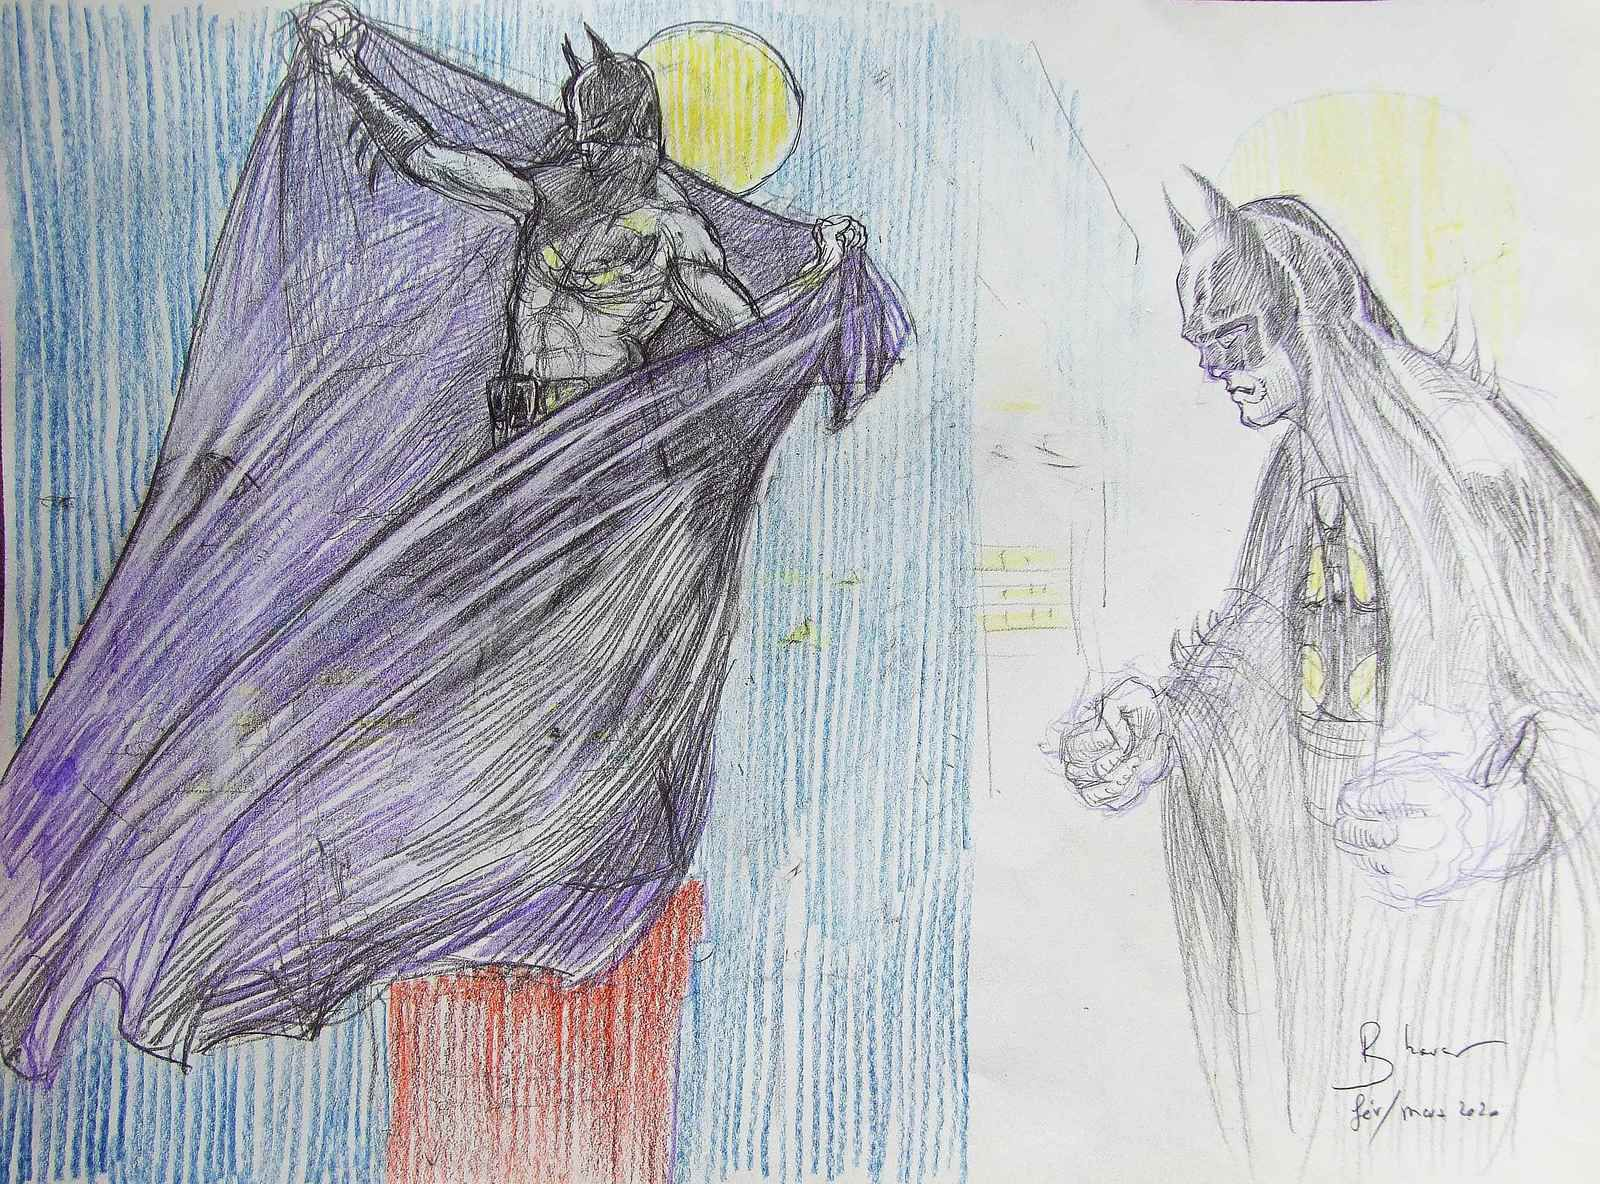 """Dessin préparatoire12  """"Batman veille le mammouth"""" Crayons sur papier 21x30 Dessin préparatoire13 Crayons sur papier 21x60 Bhavsar"""